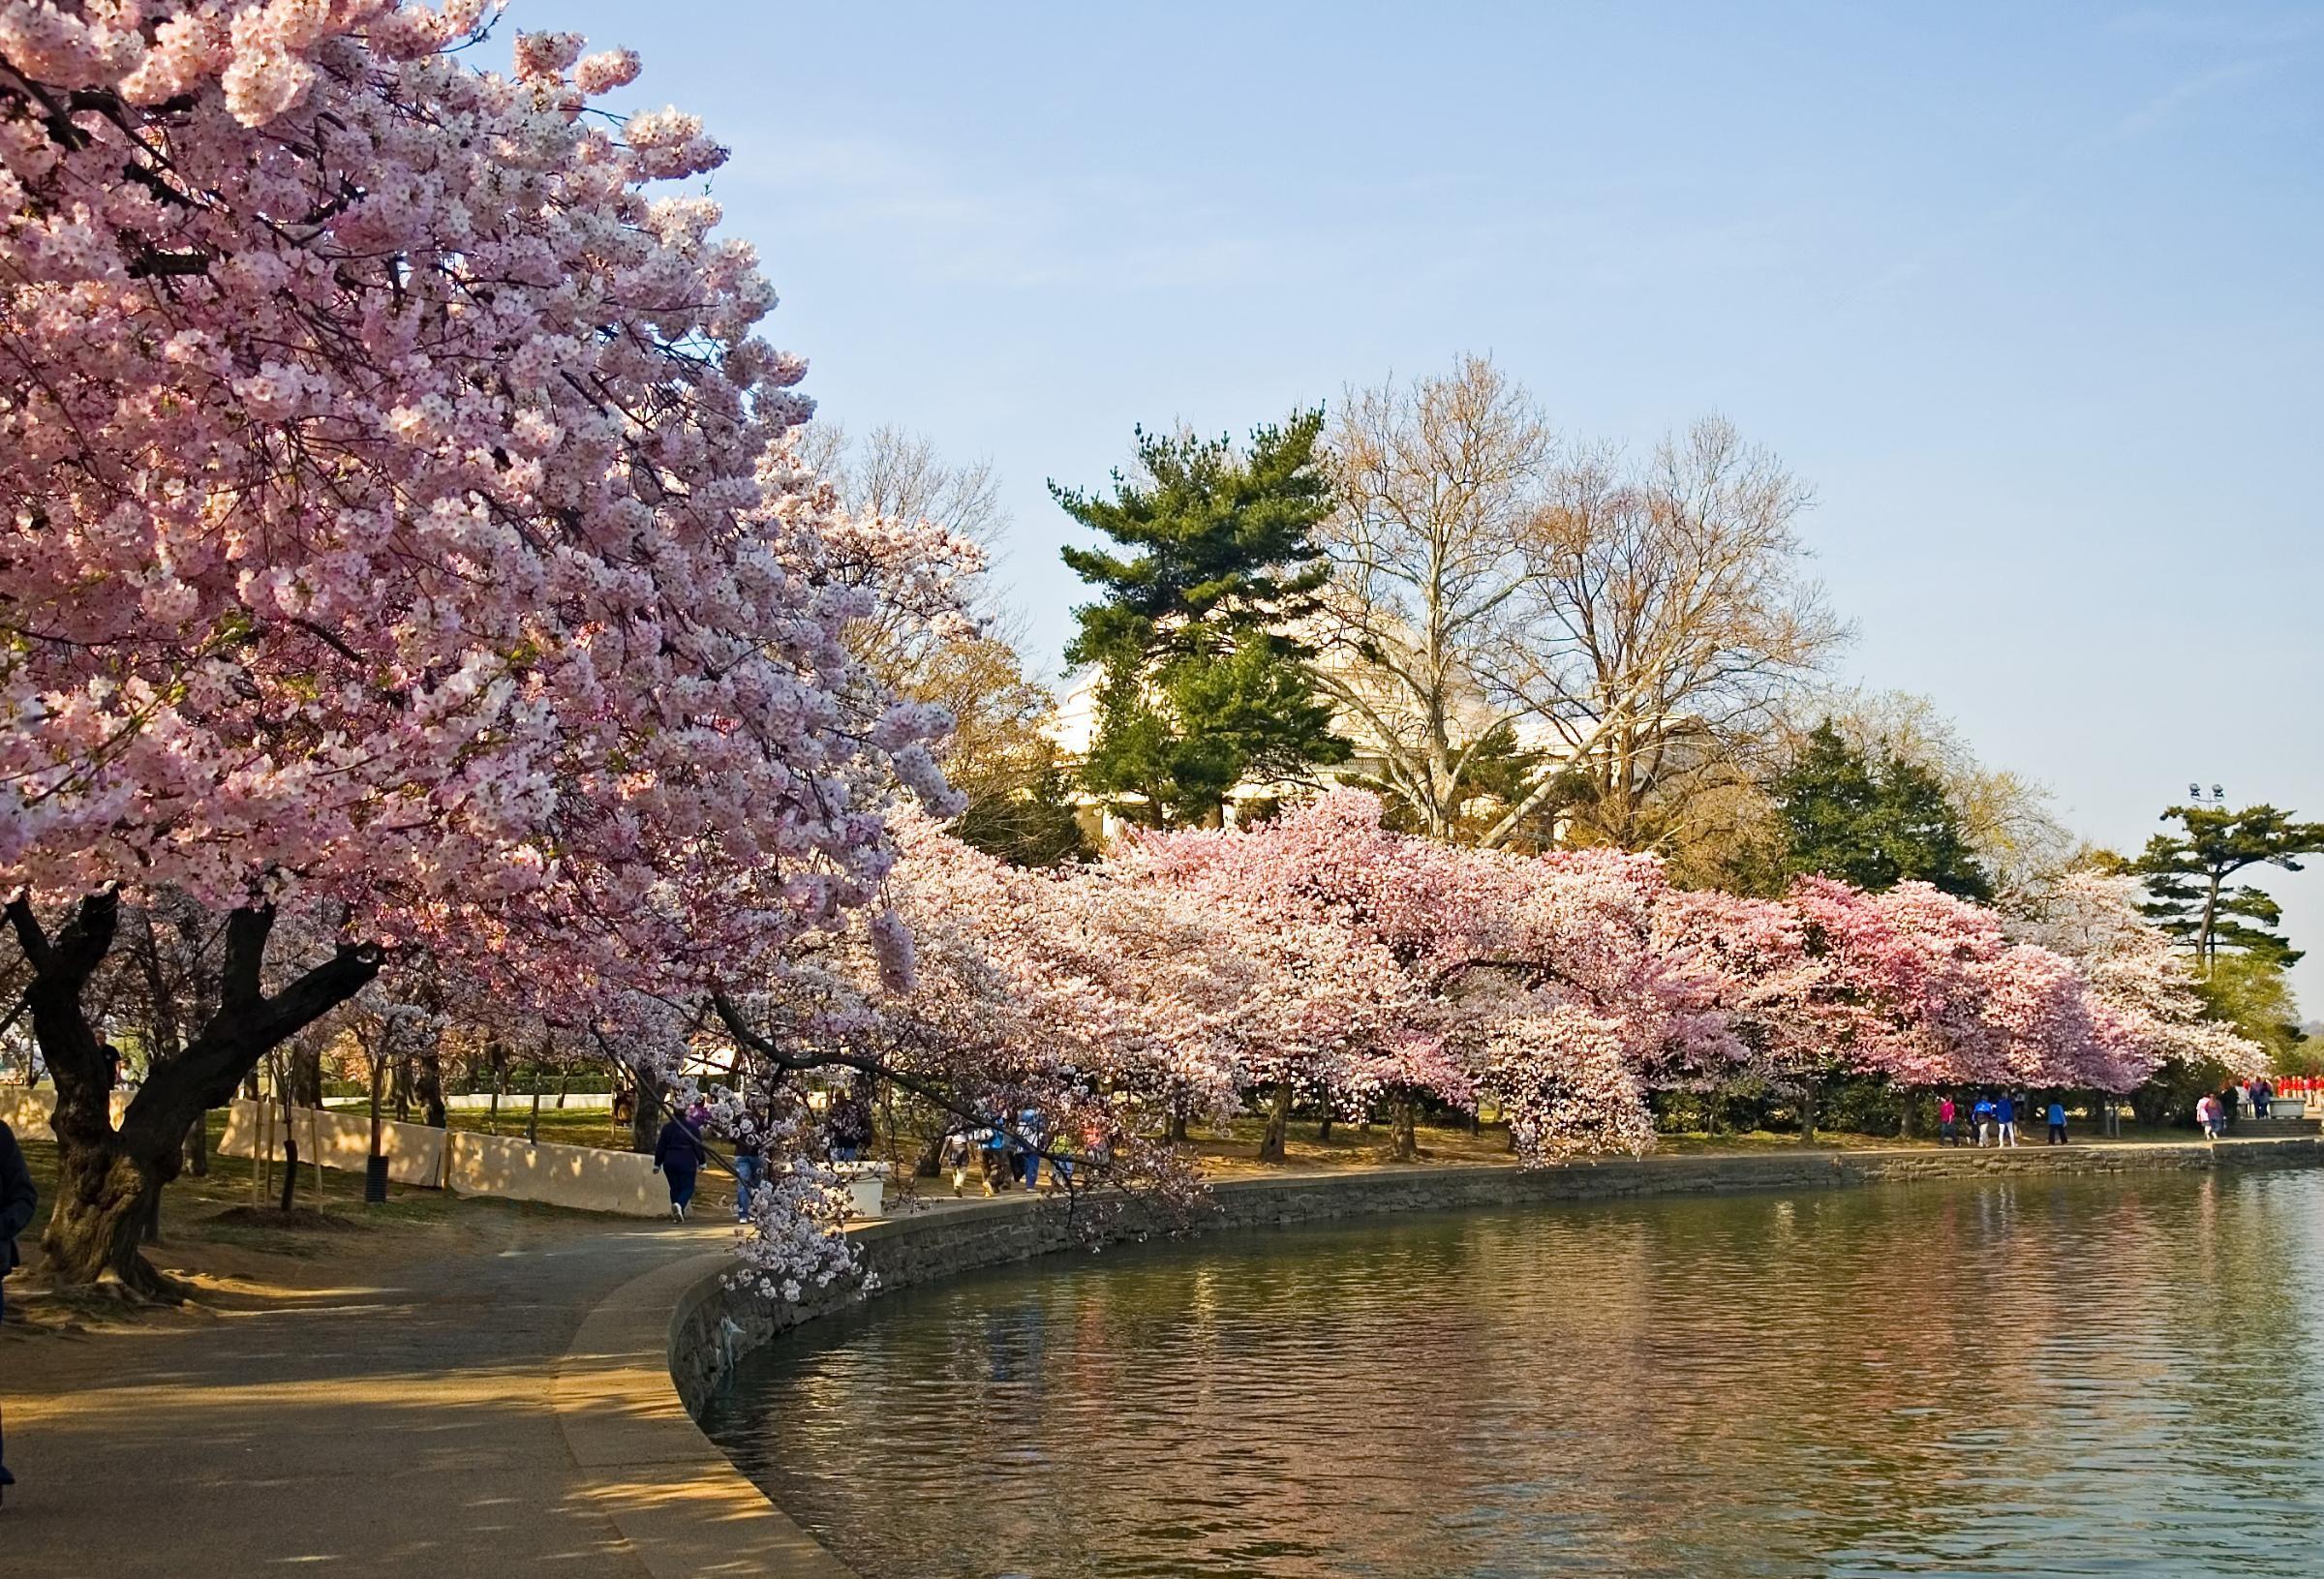 Maison Cherry Blossom Festival Cherry Blossom Japan Cherry Blossom